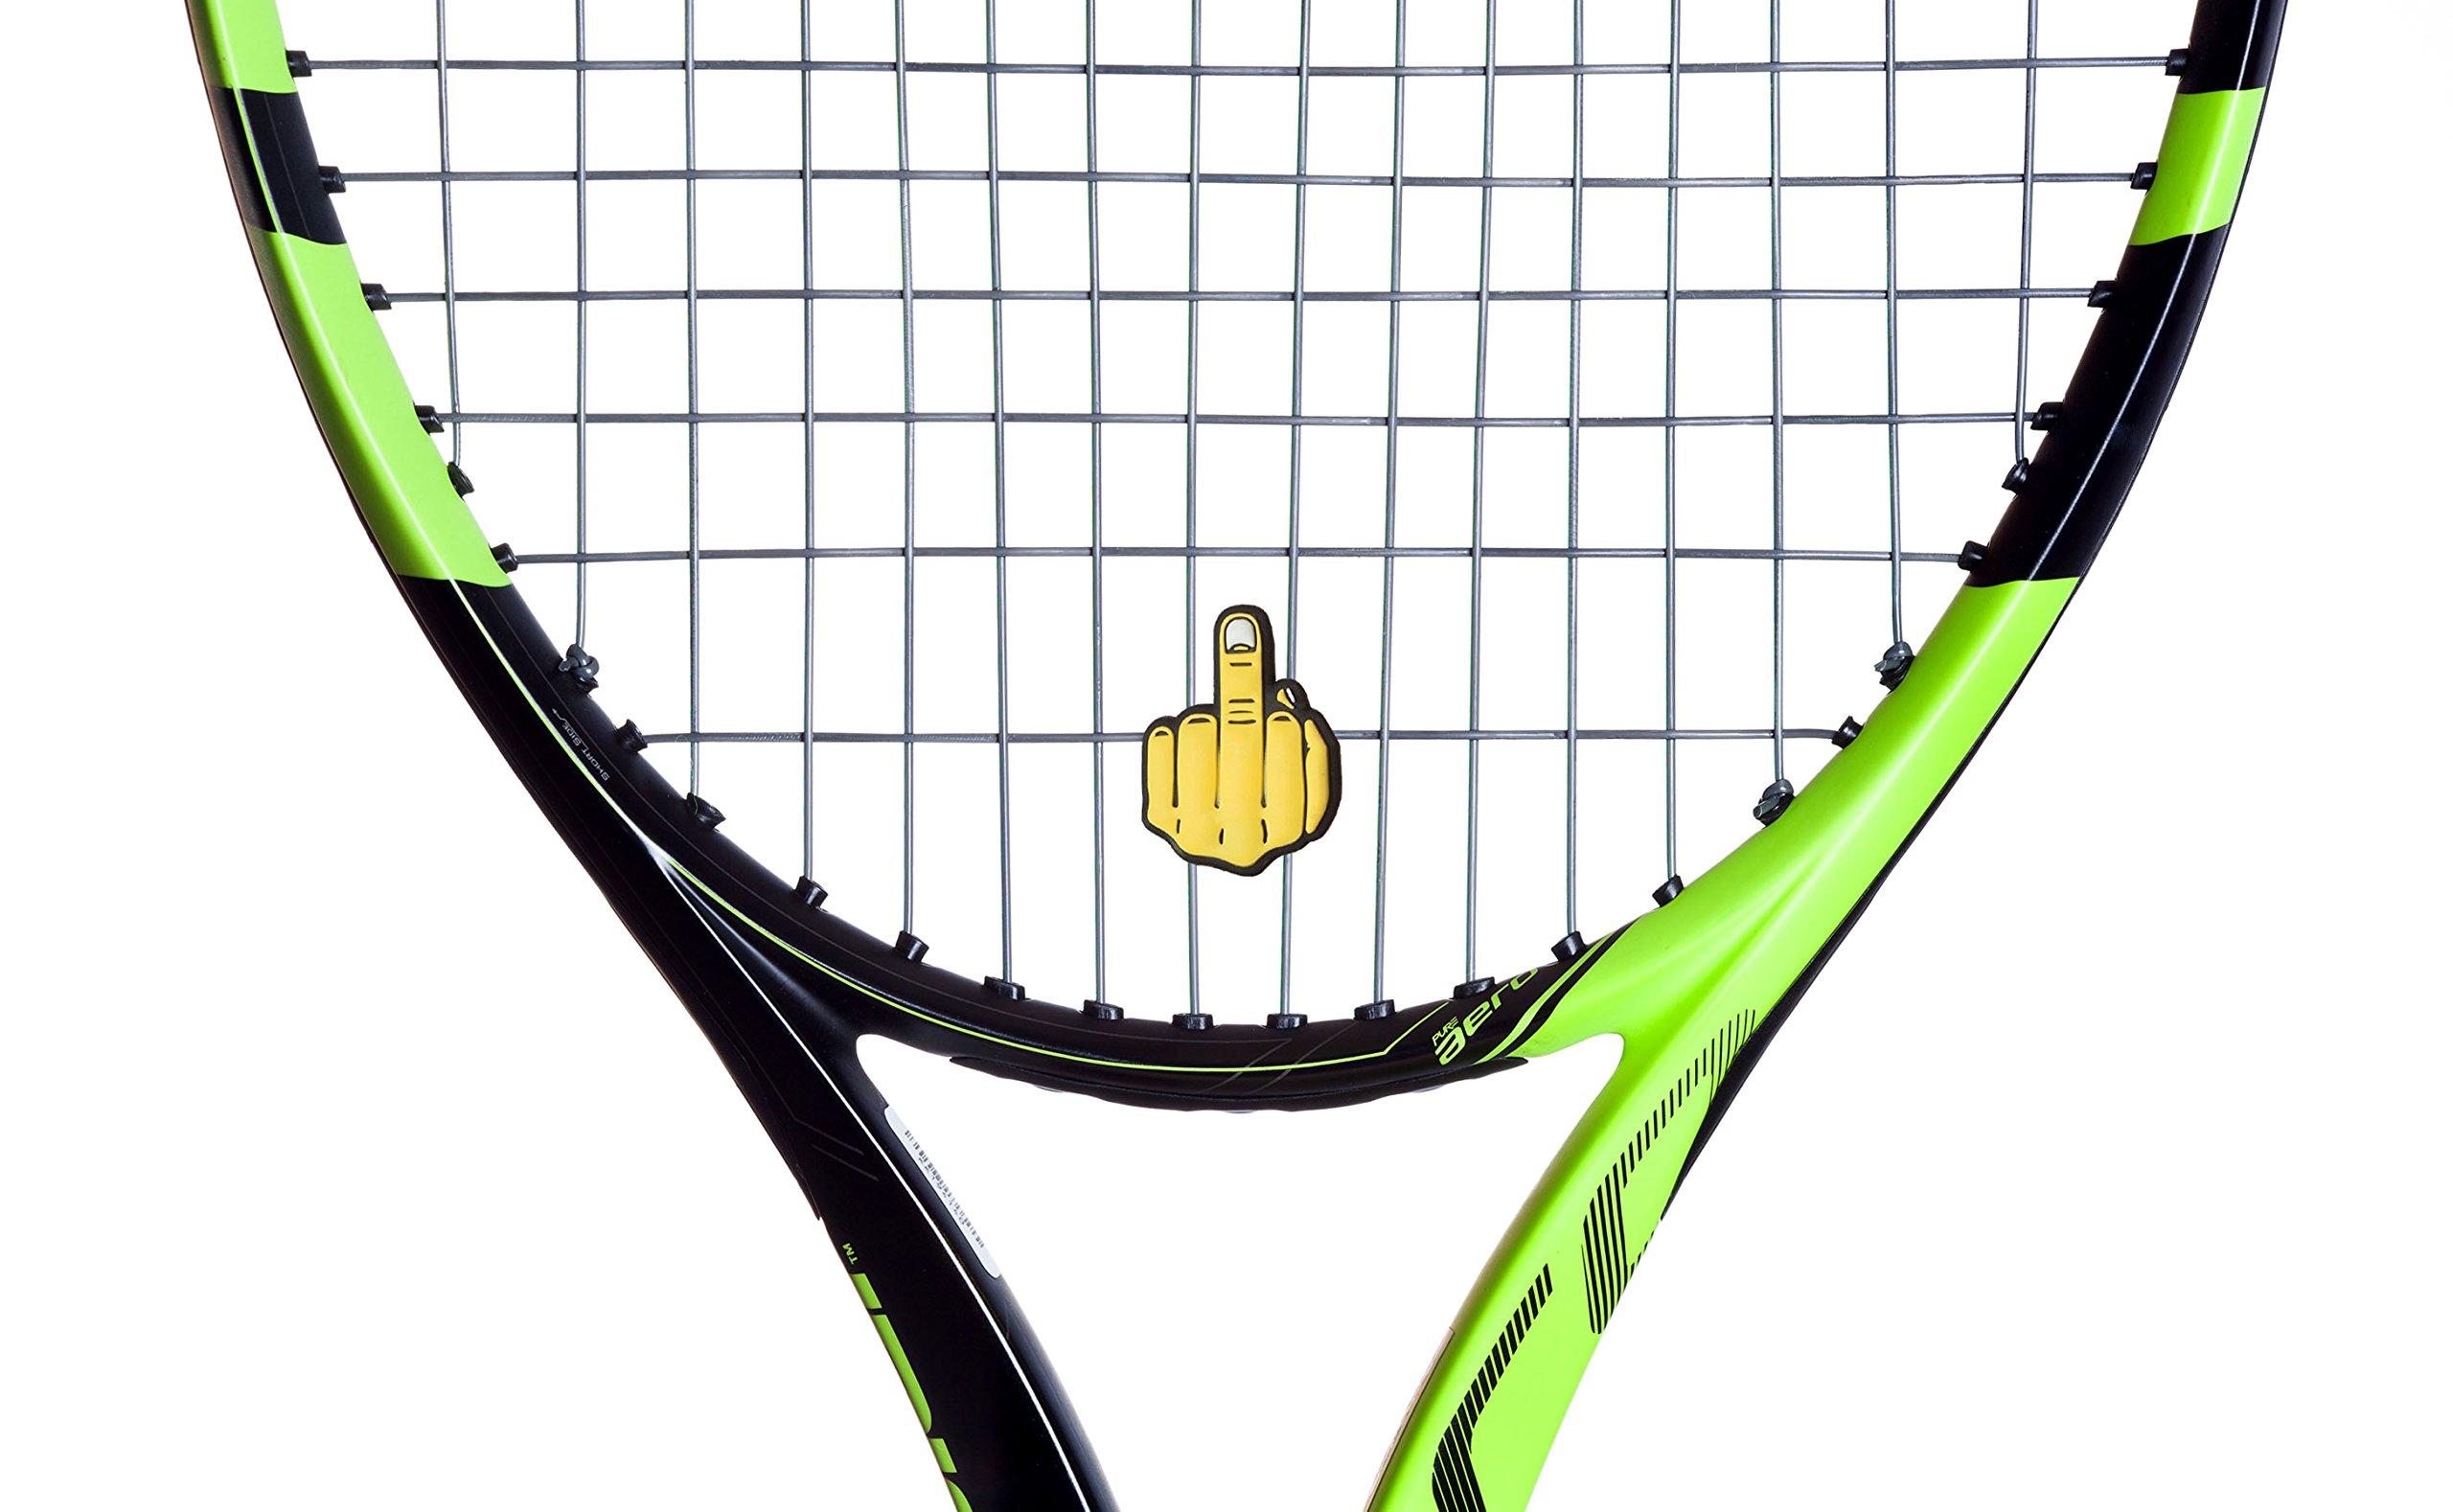 Tennis Vibration Dampener Middle Finger 2 Pack